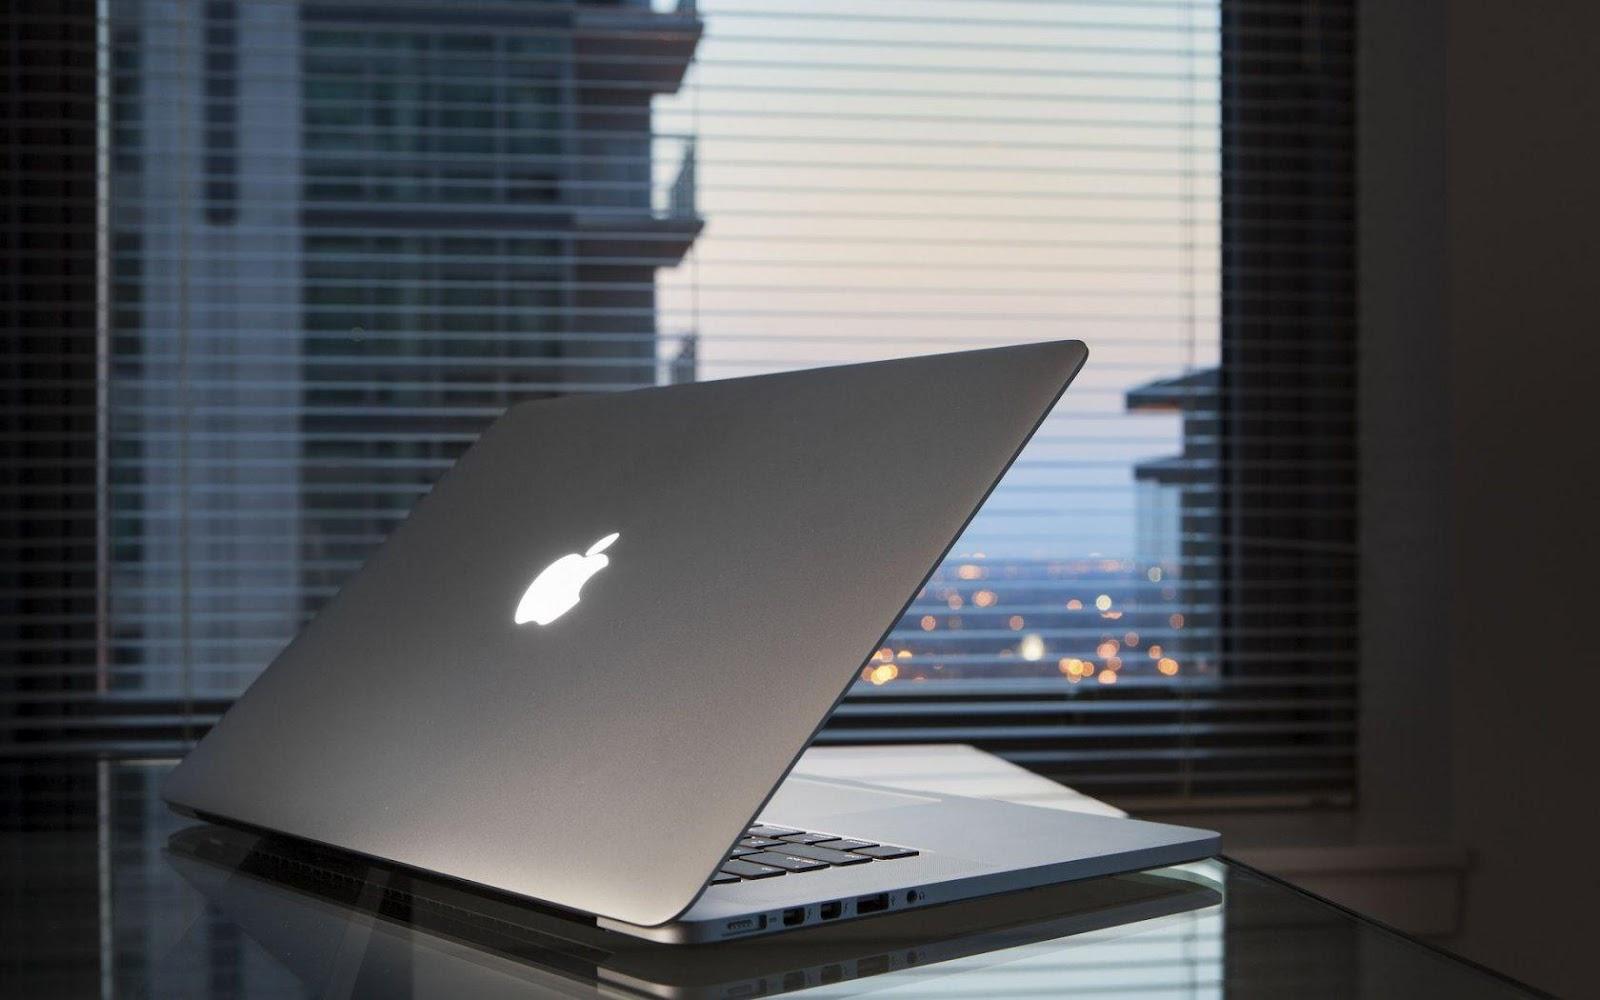 Macbook Pro Retina HD Wallpaper 1600x1000